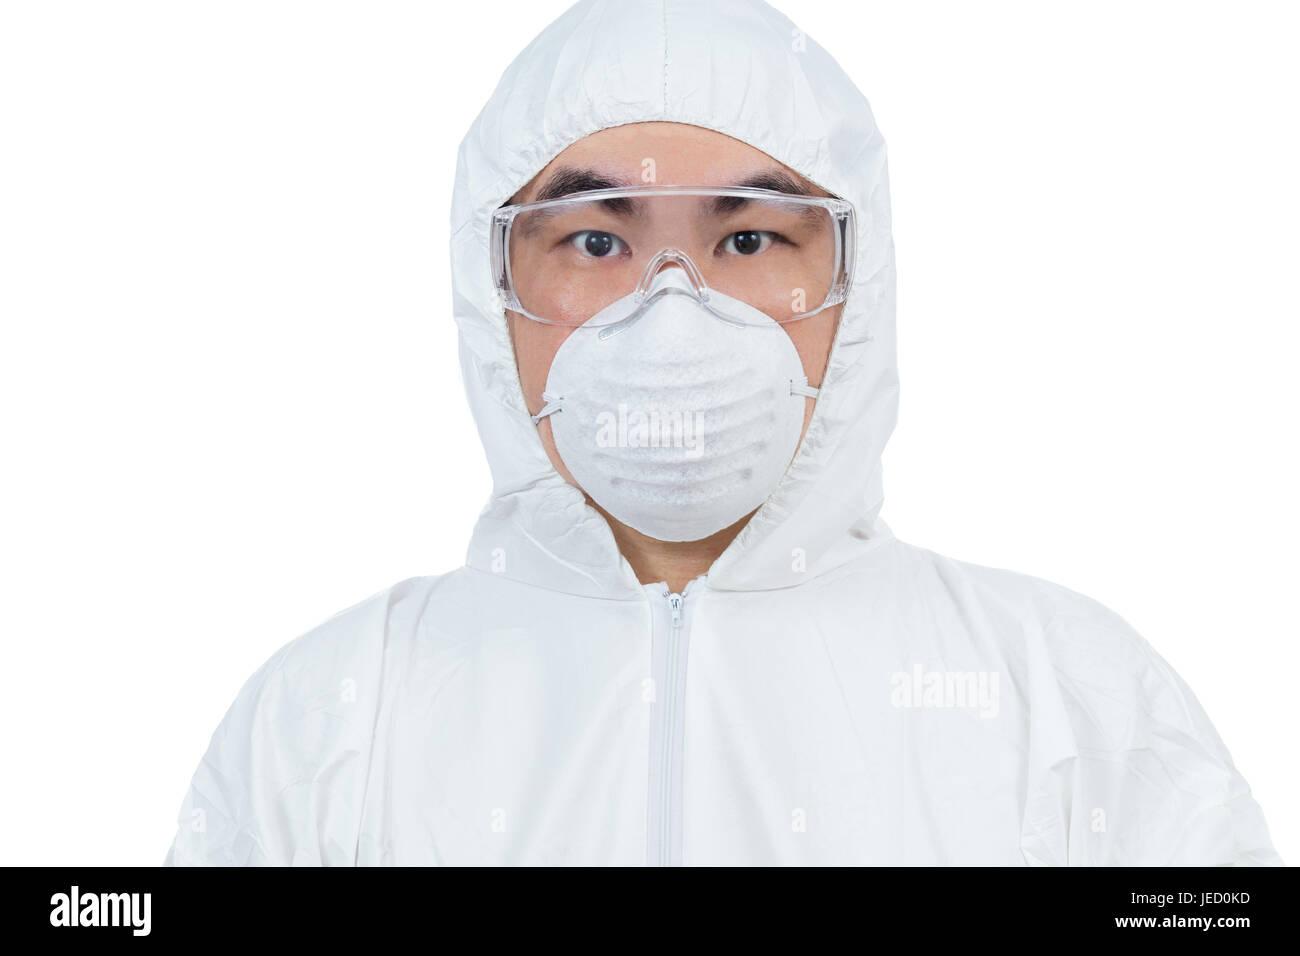 Científico chino asiático en ropa de protección con gafas y mascarilla aisladas en fondo blanco. Foto de stock